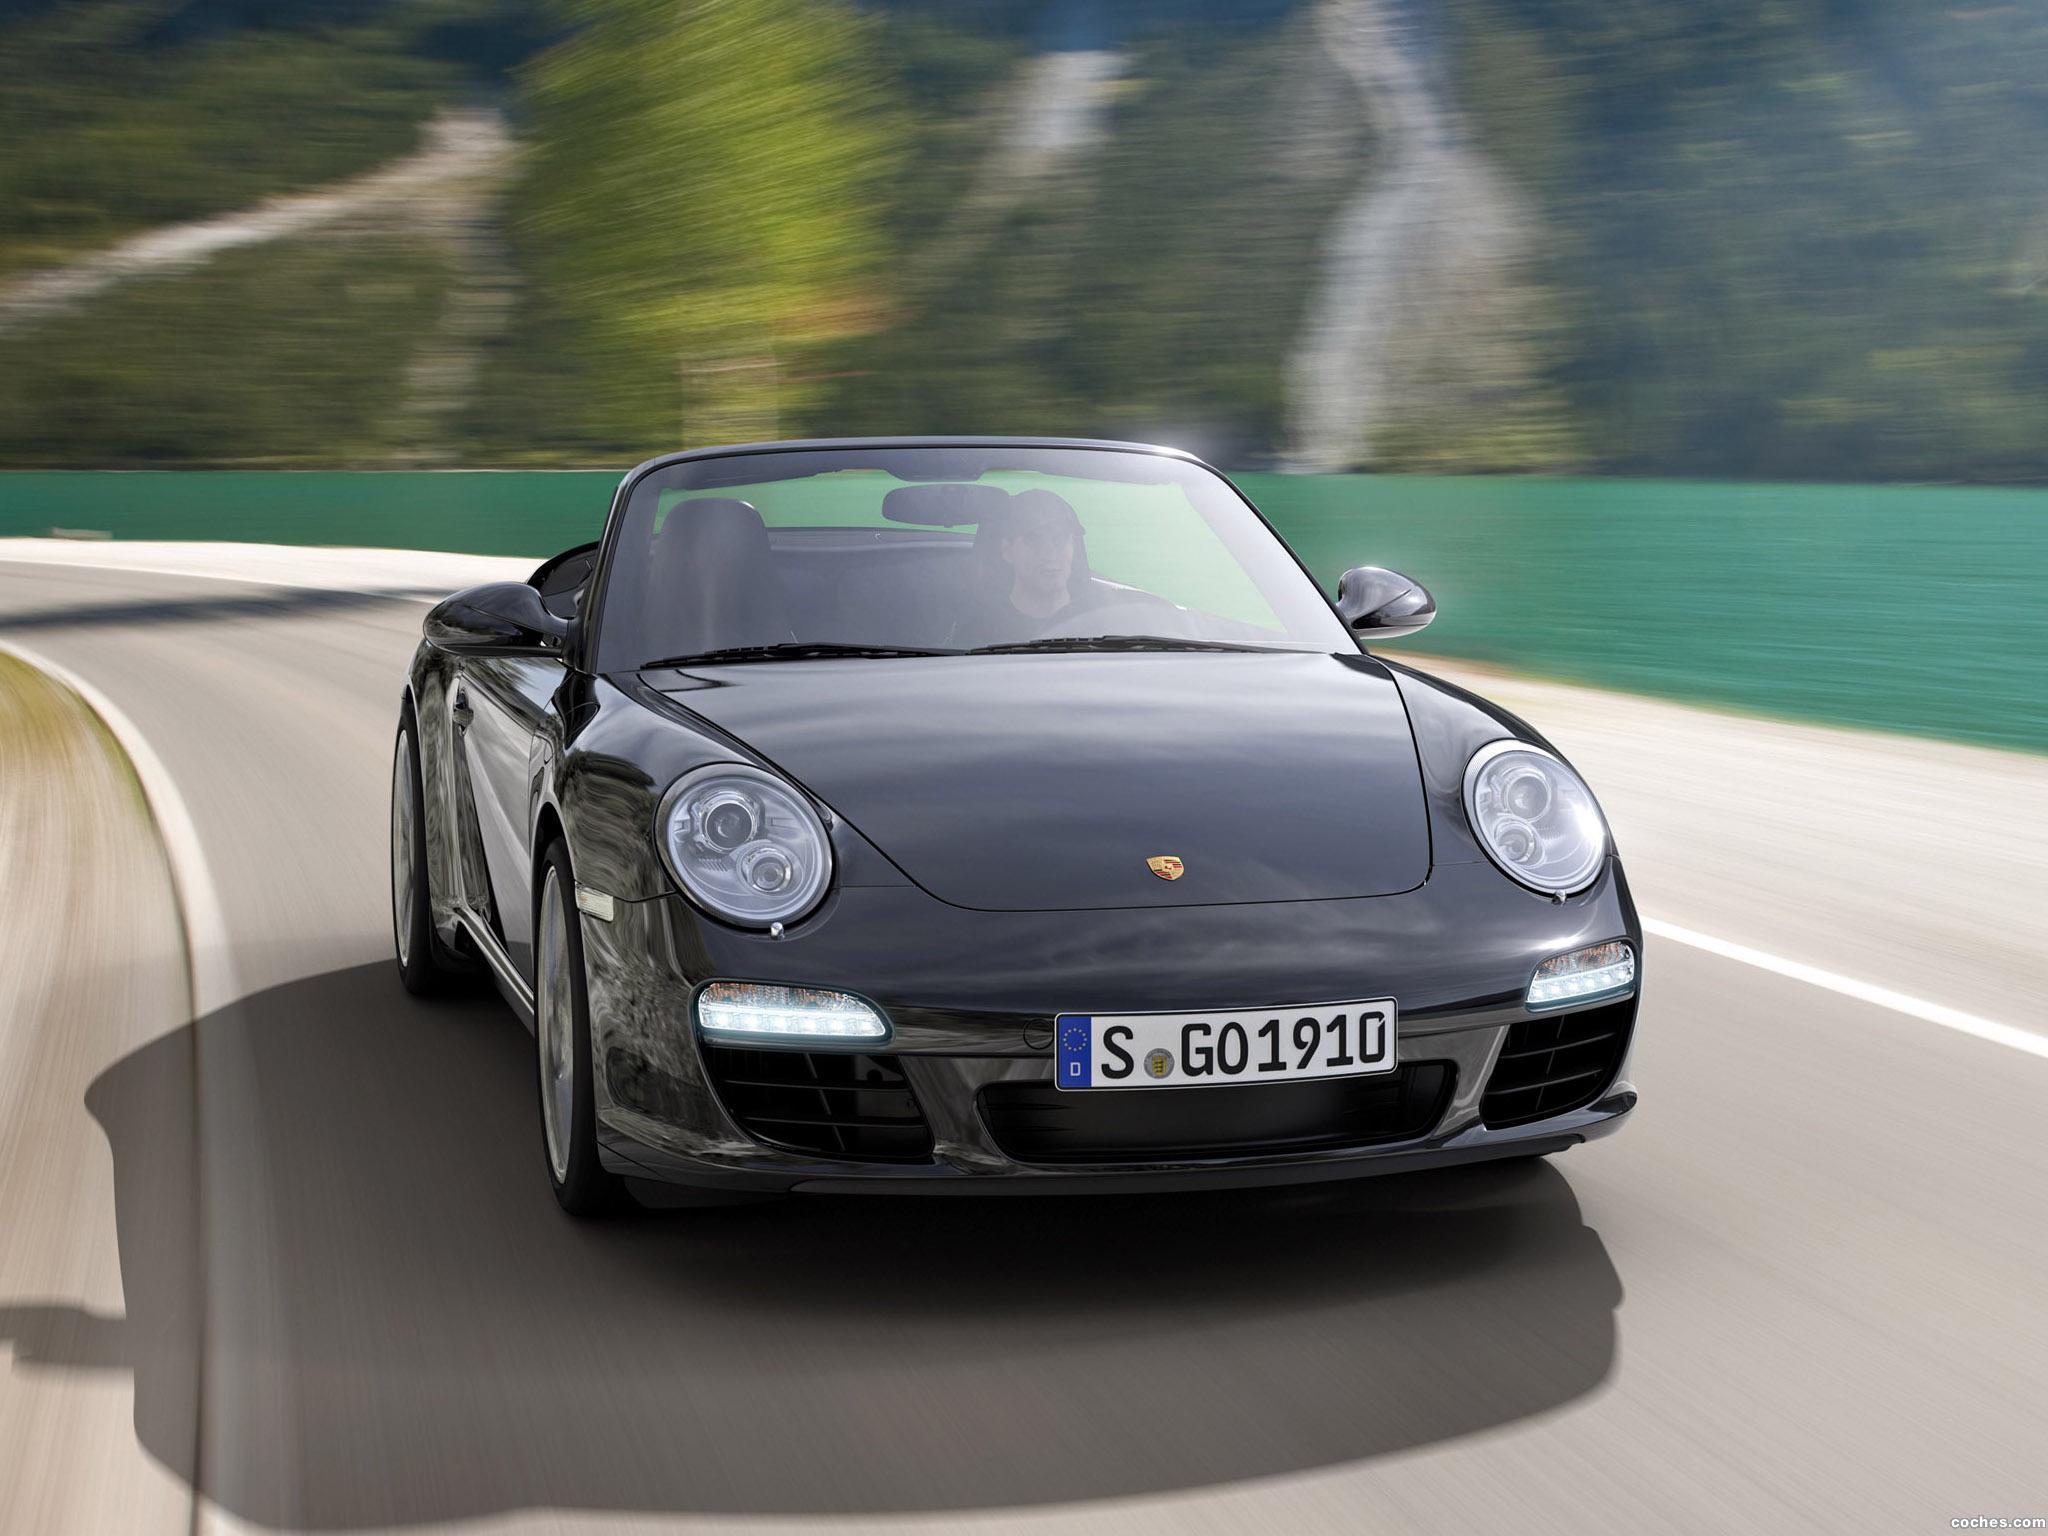 porsche_911-cabriolet-black-edition-997-2011_r4.jpg